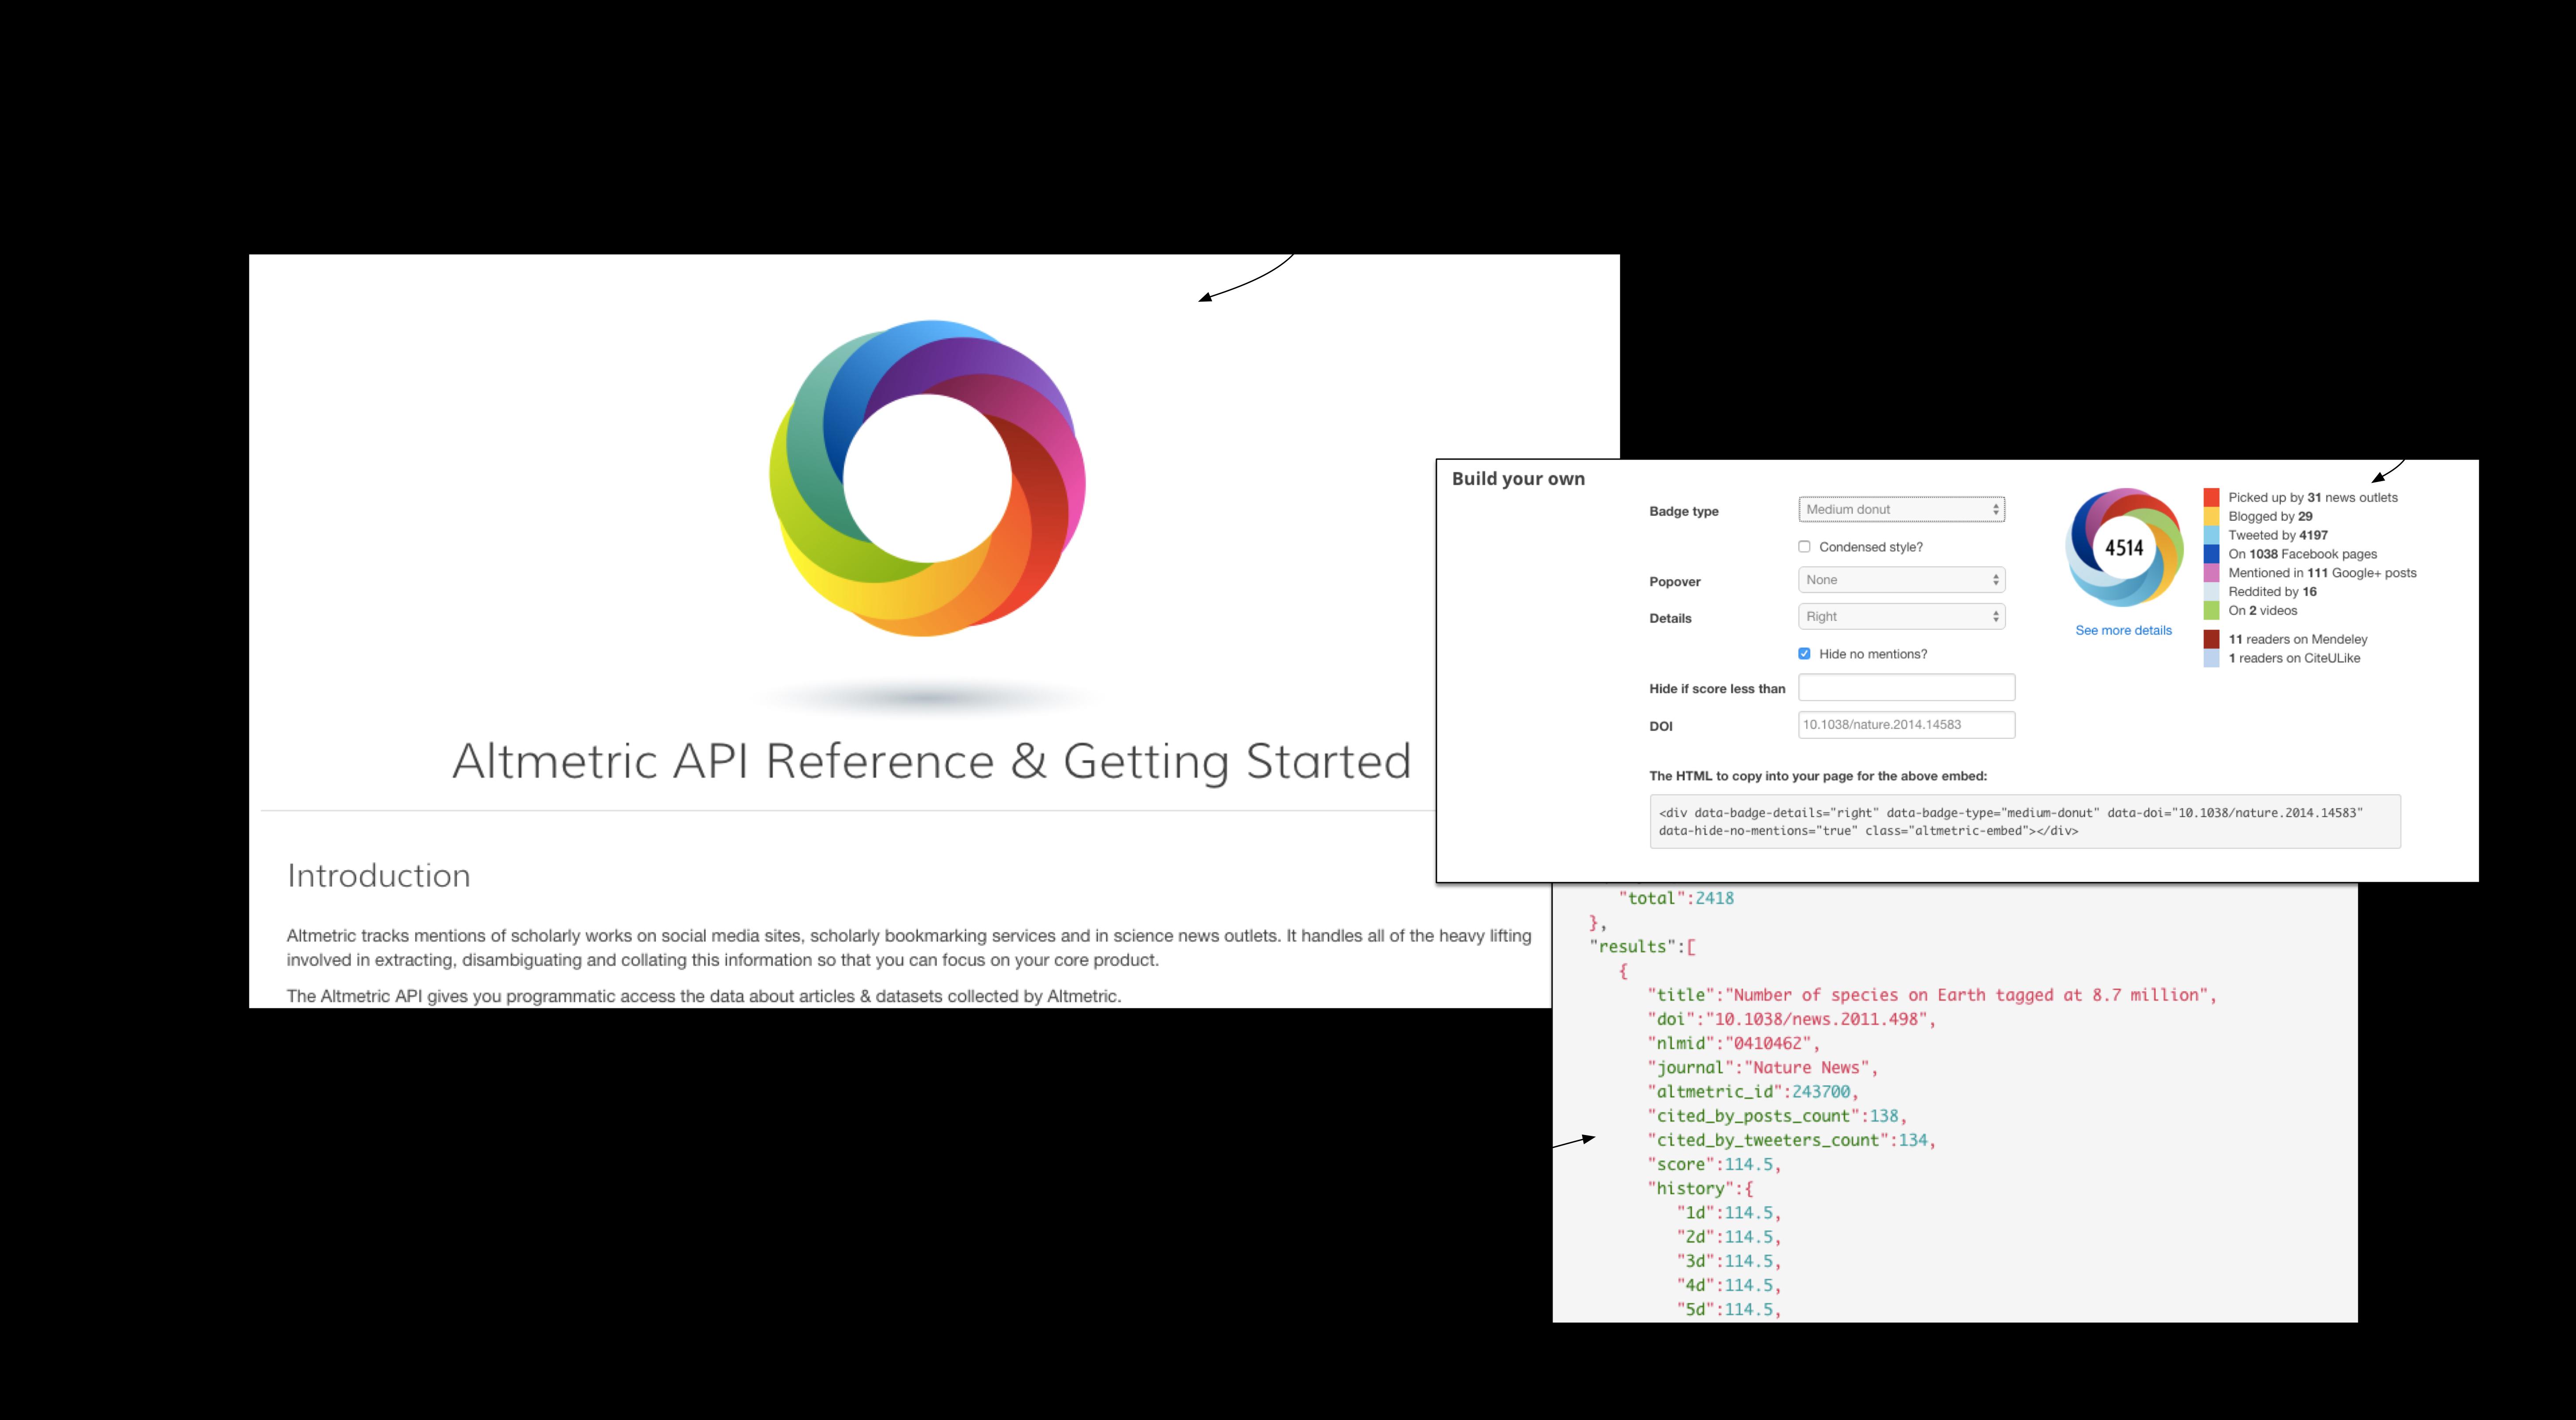 Altmetric API